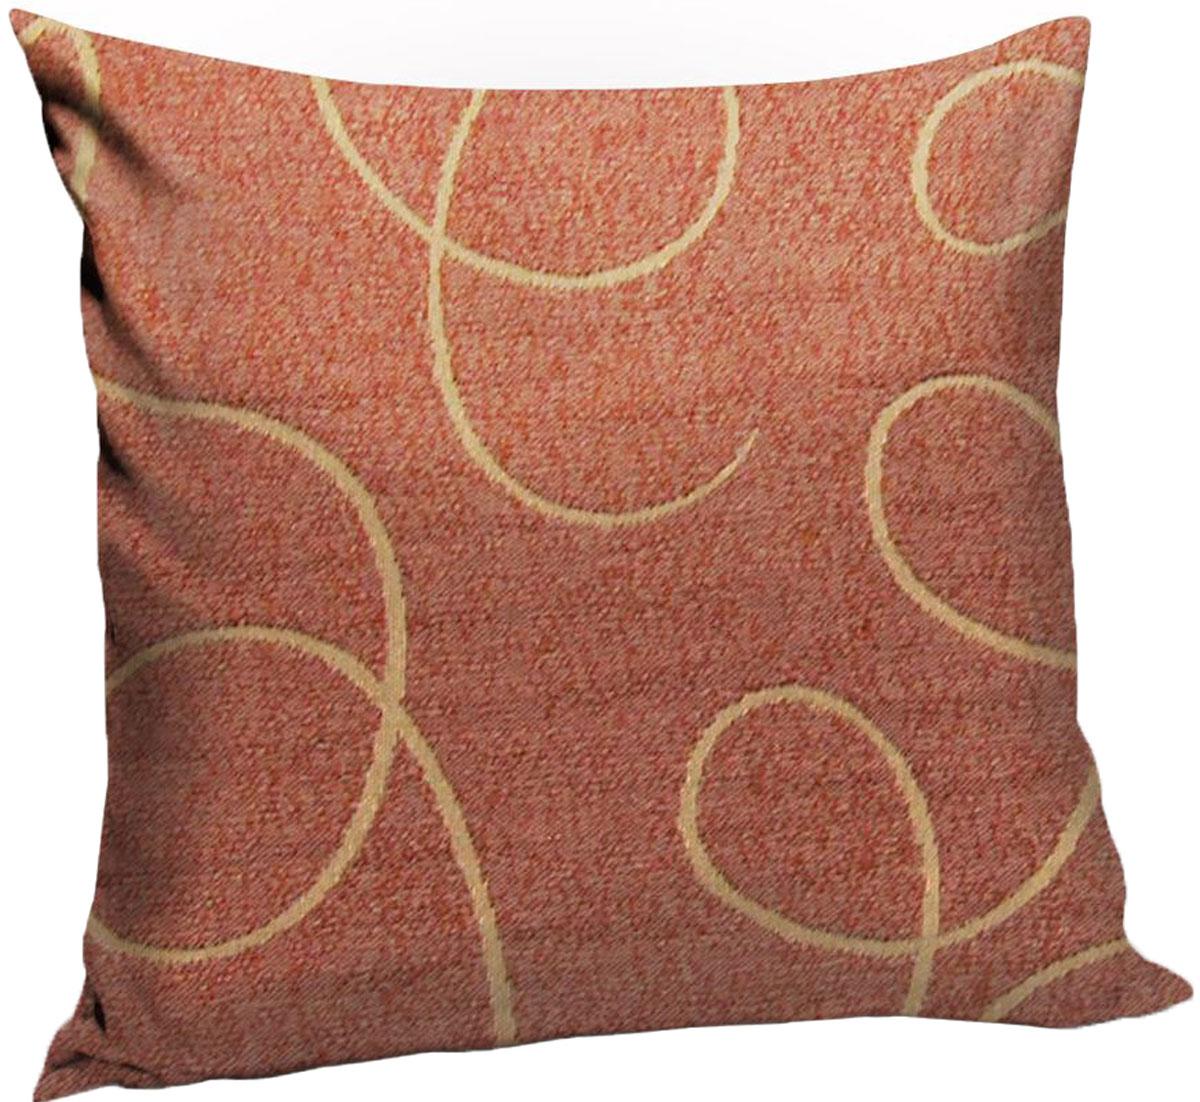 """Декоративная подушка KauffOrt """"Минор"""" прекрасно дополнит интерьер спальни или  гостиной. Чехол подушки выполнен из двухслойного жаккарда. Внутри  находится мягкий наполнитель, выполненный из холлофайбера. Чехол легко снимается  благодаря молнии."""